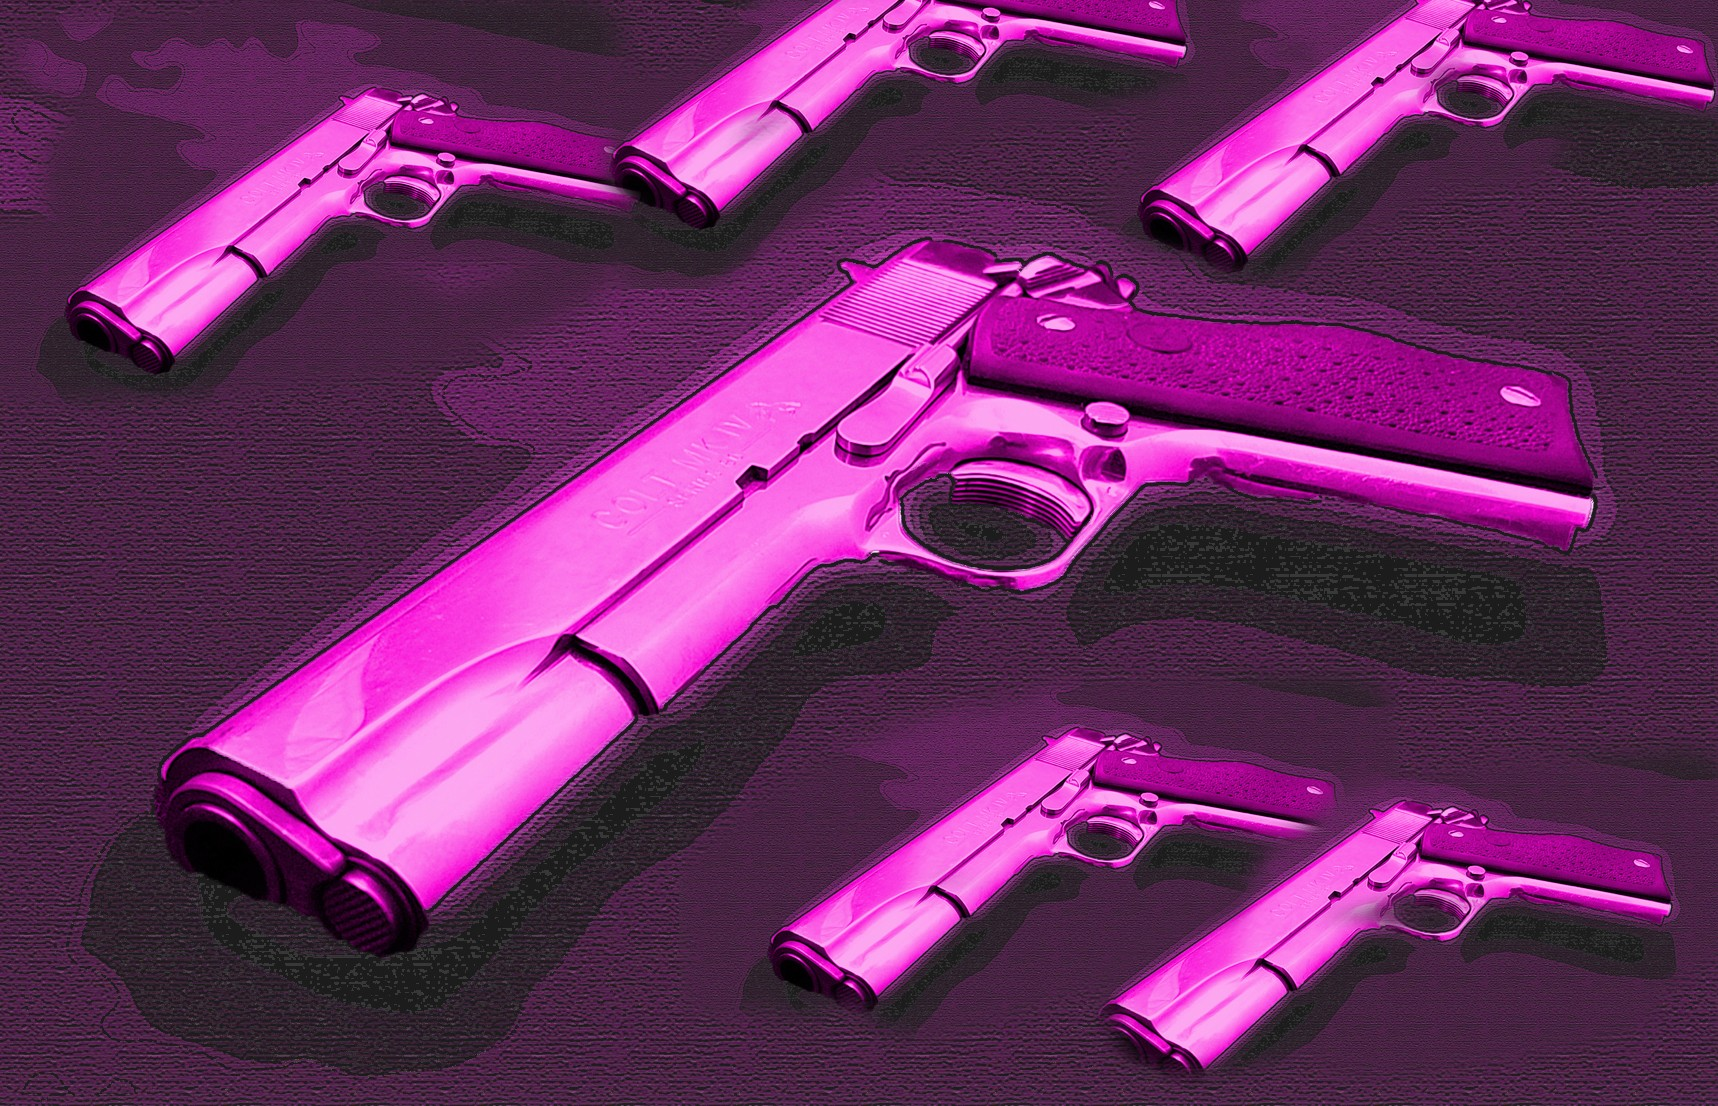 pink colt many